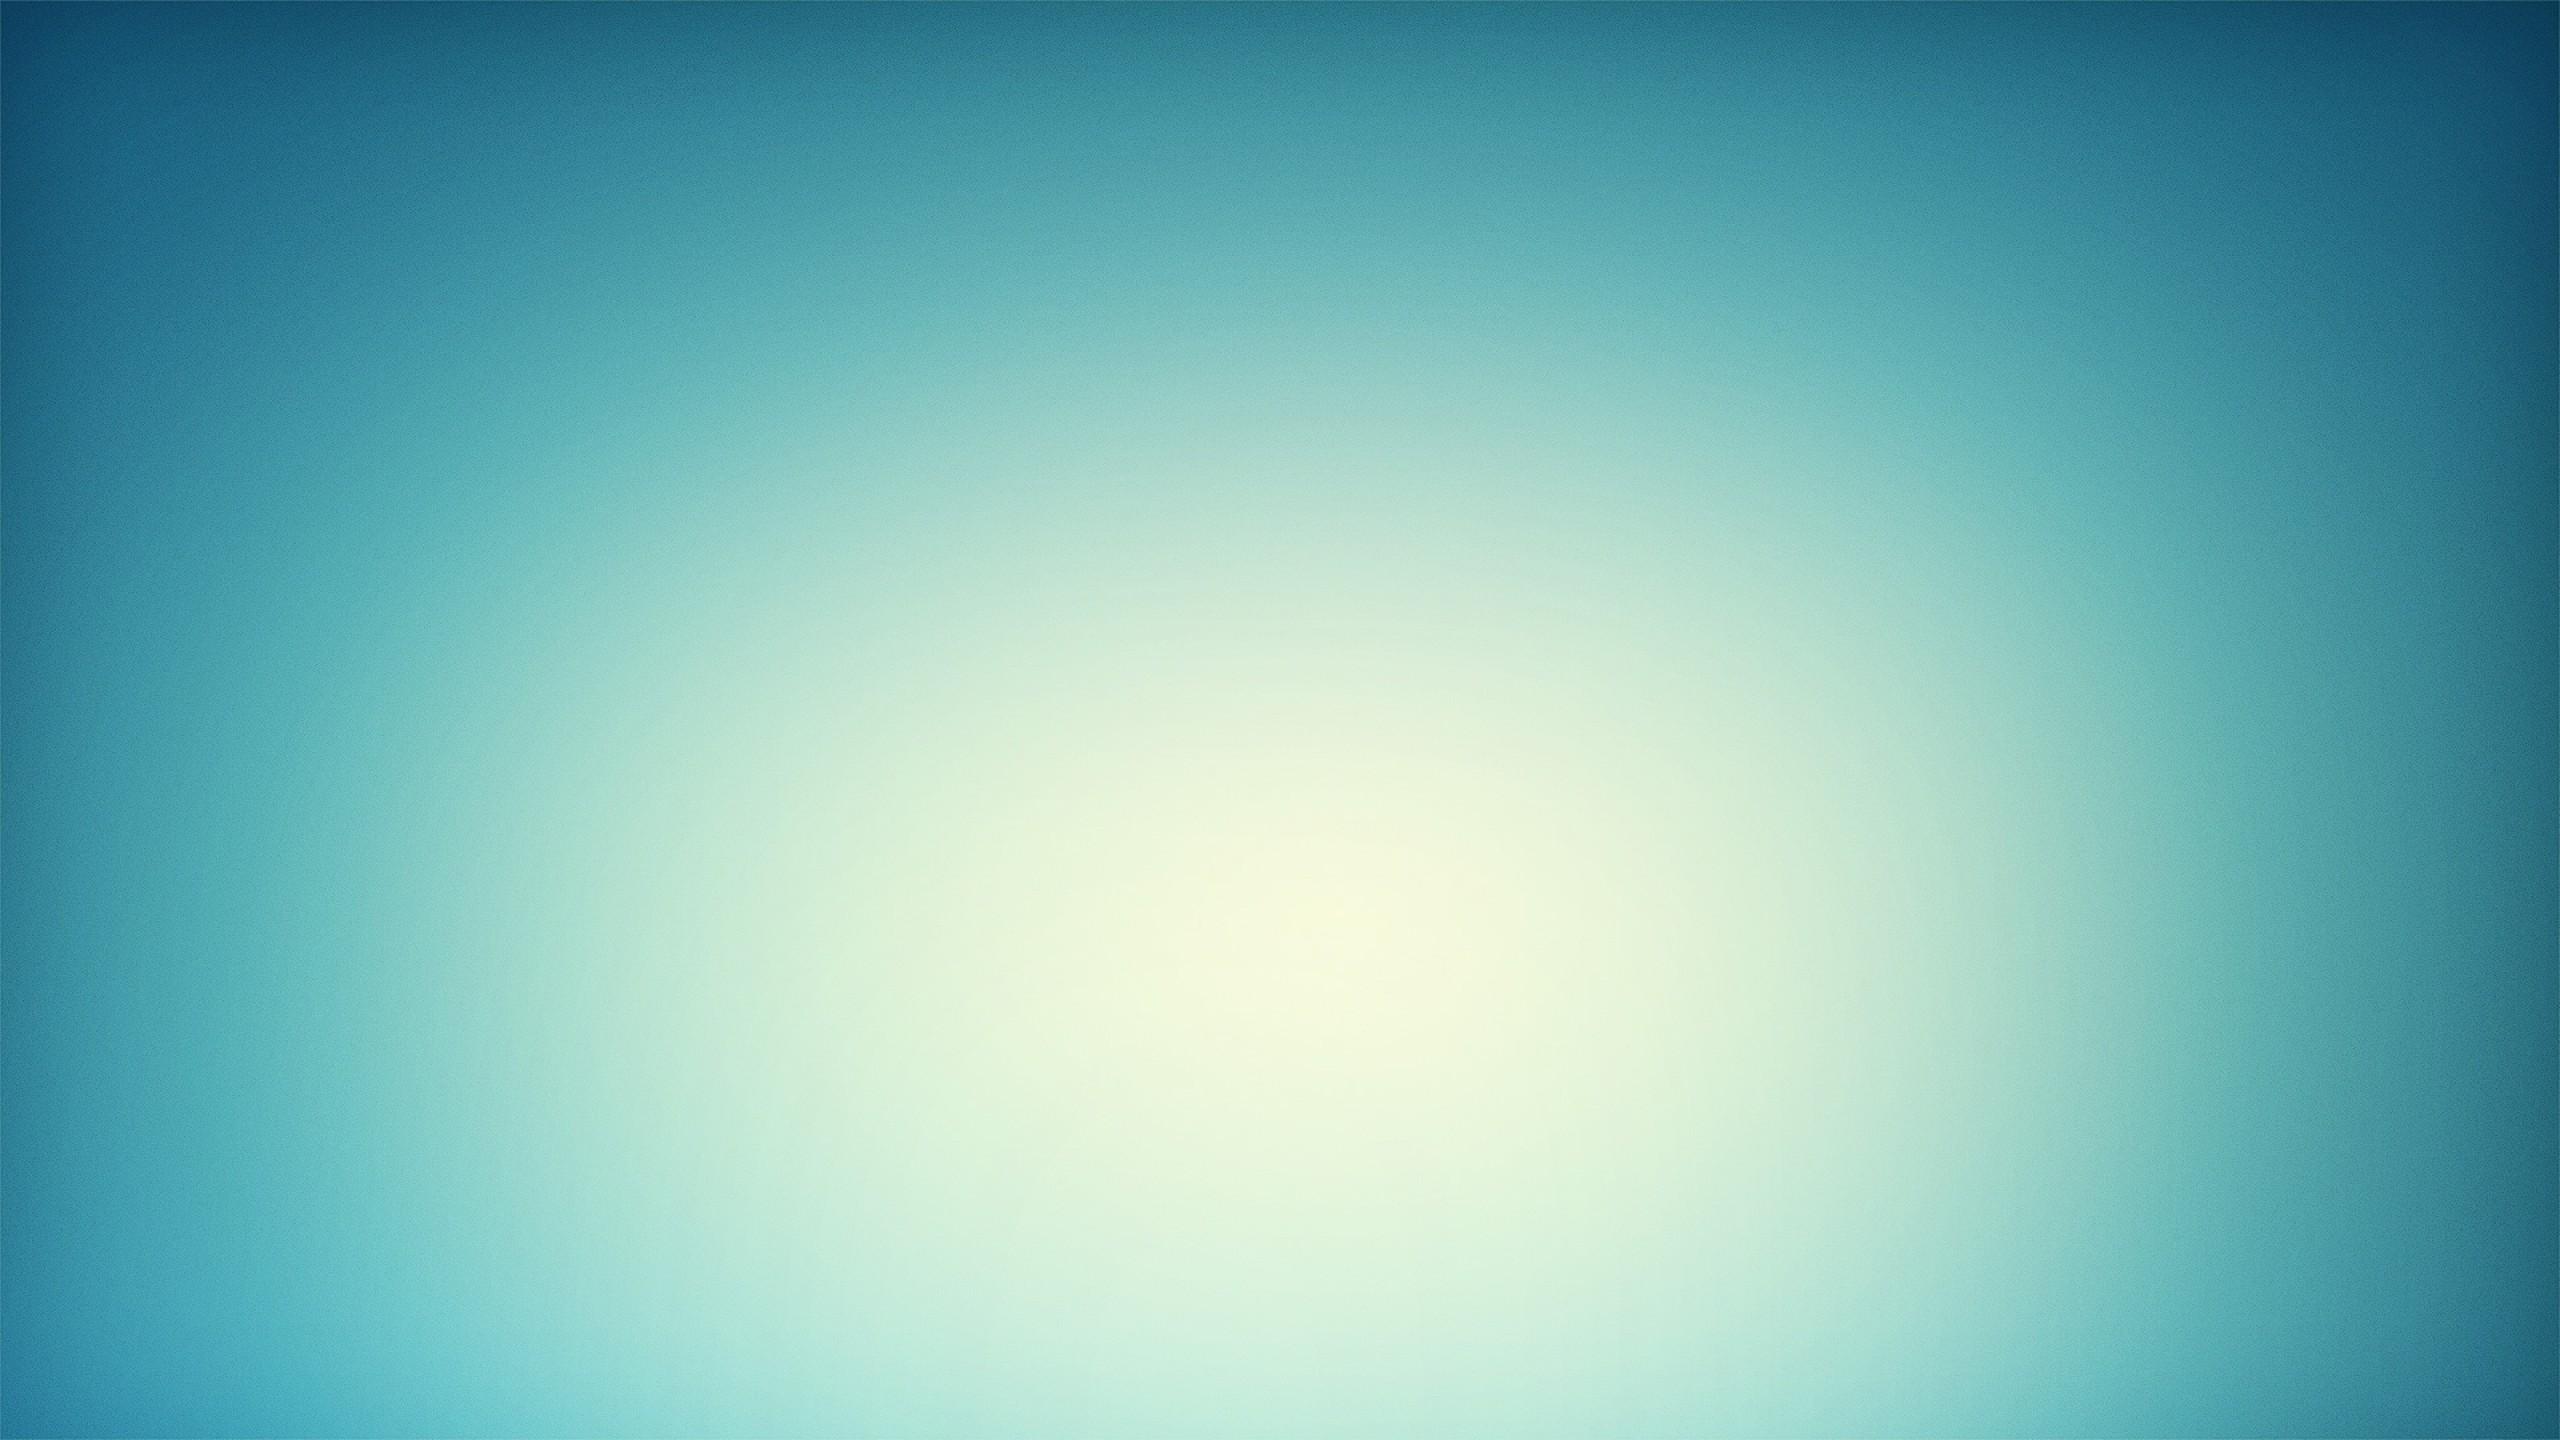 Fondo de Pantalla Degradado Azul 2560x1440